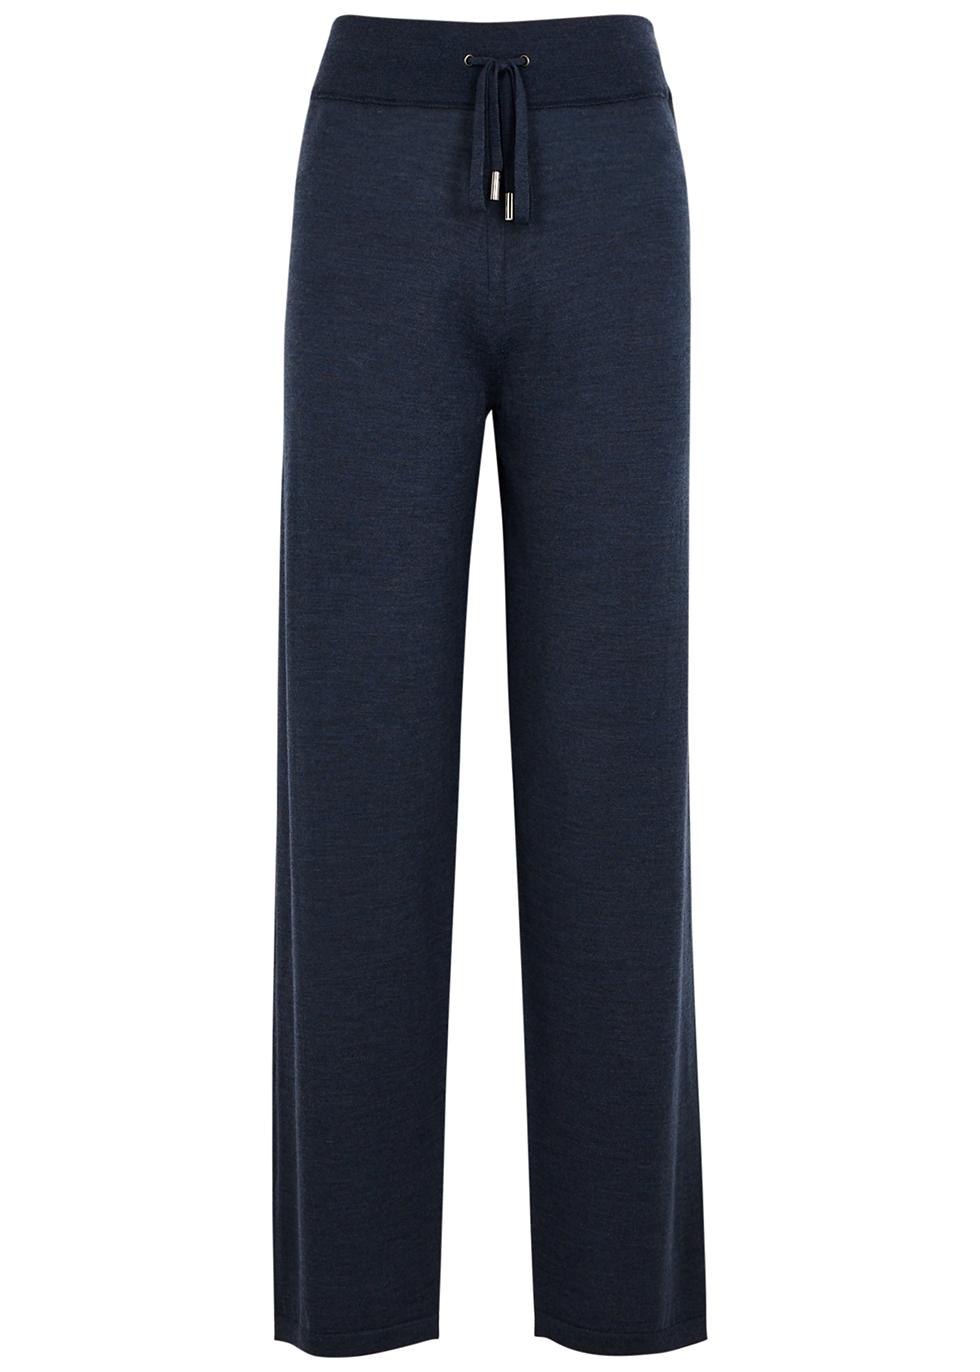 Navy wool sweatpants